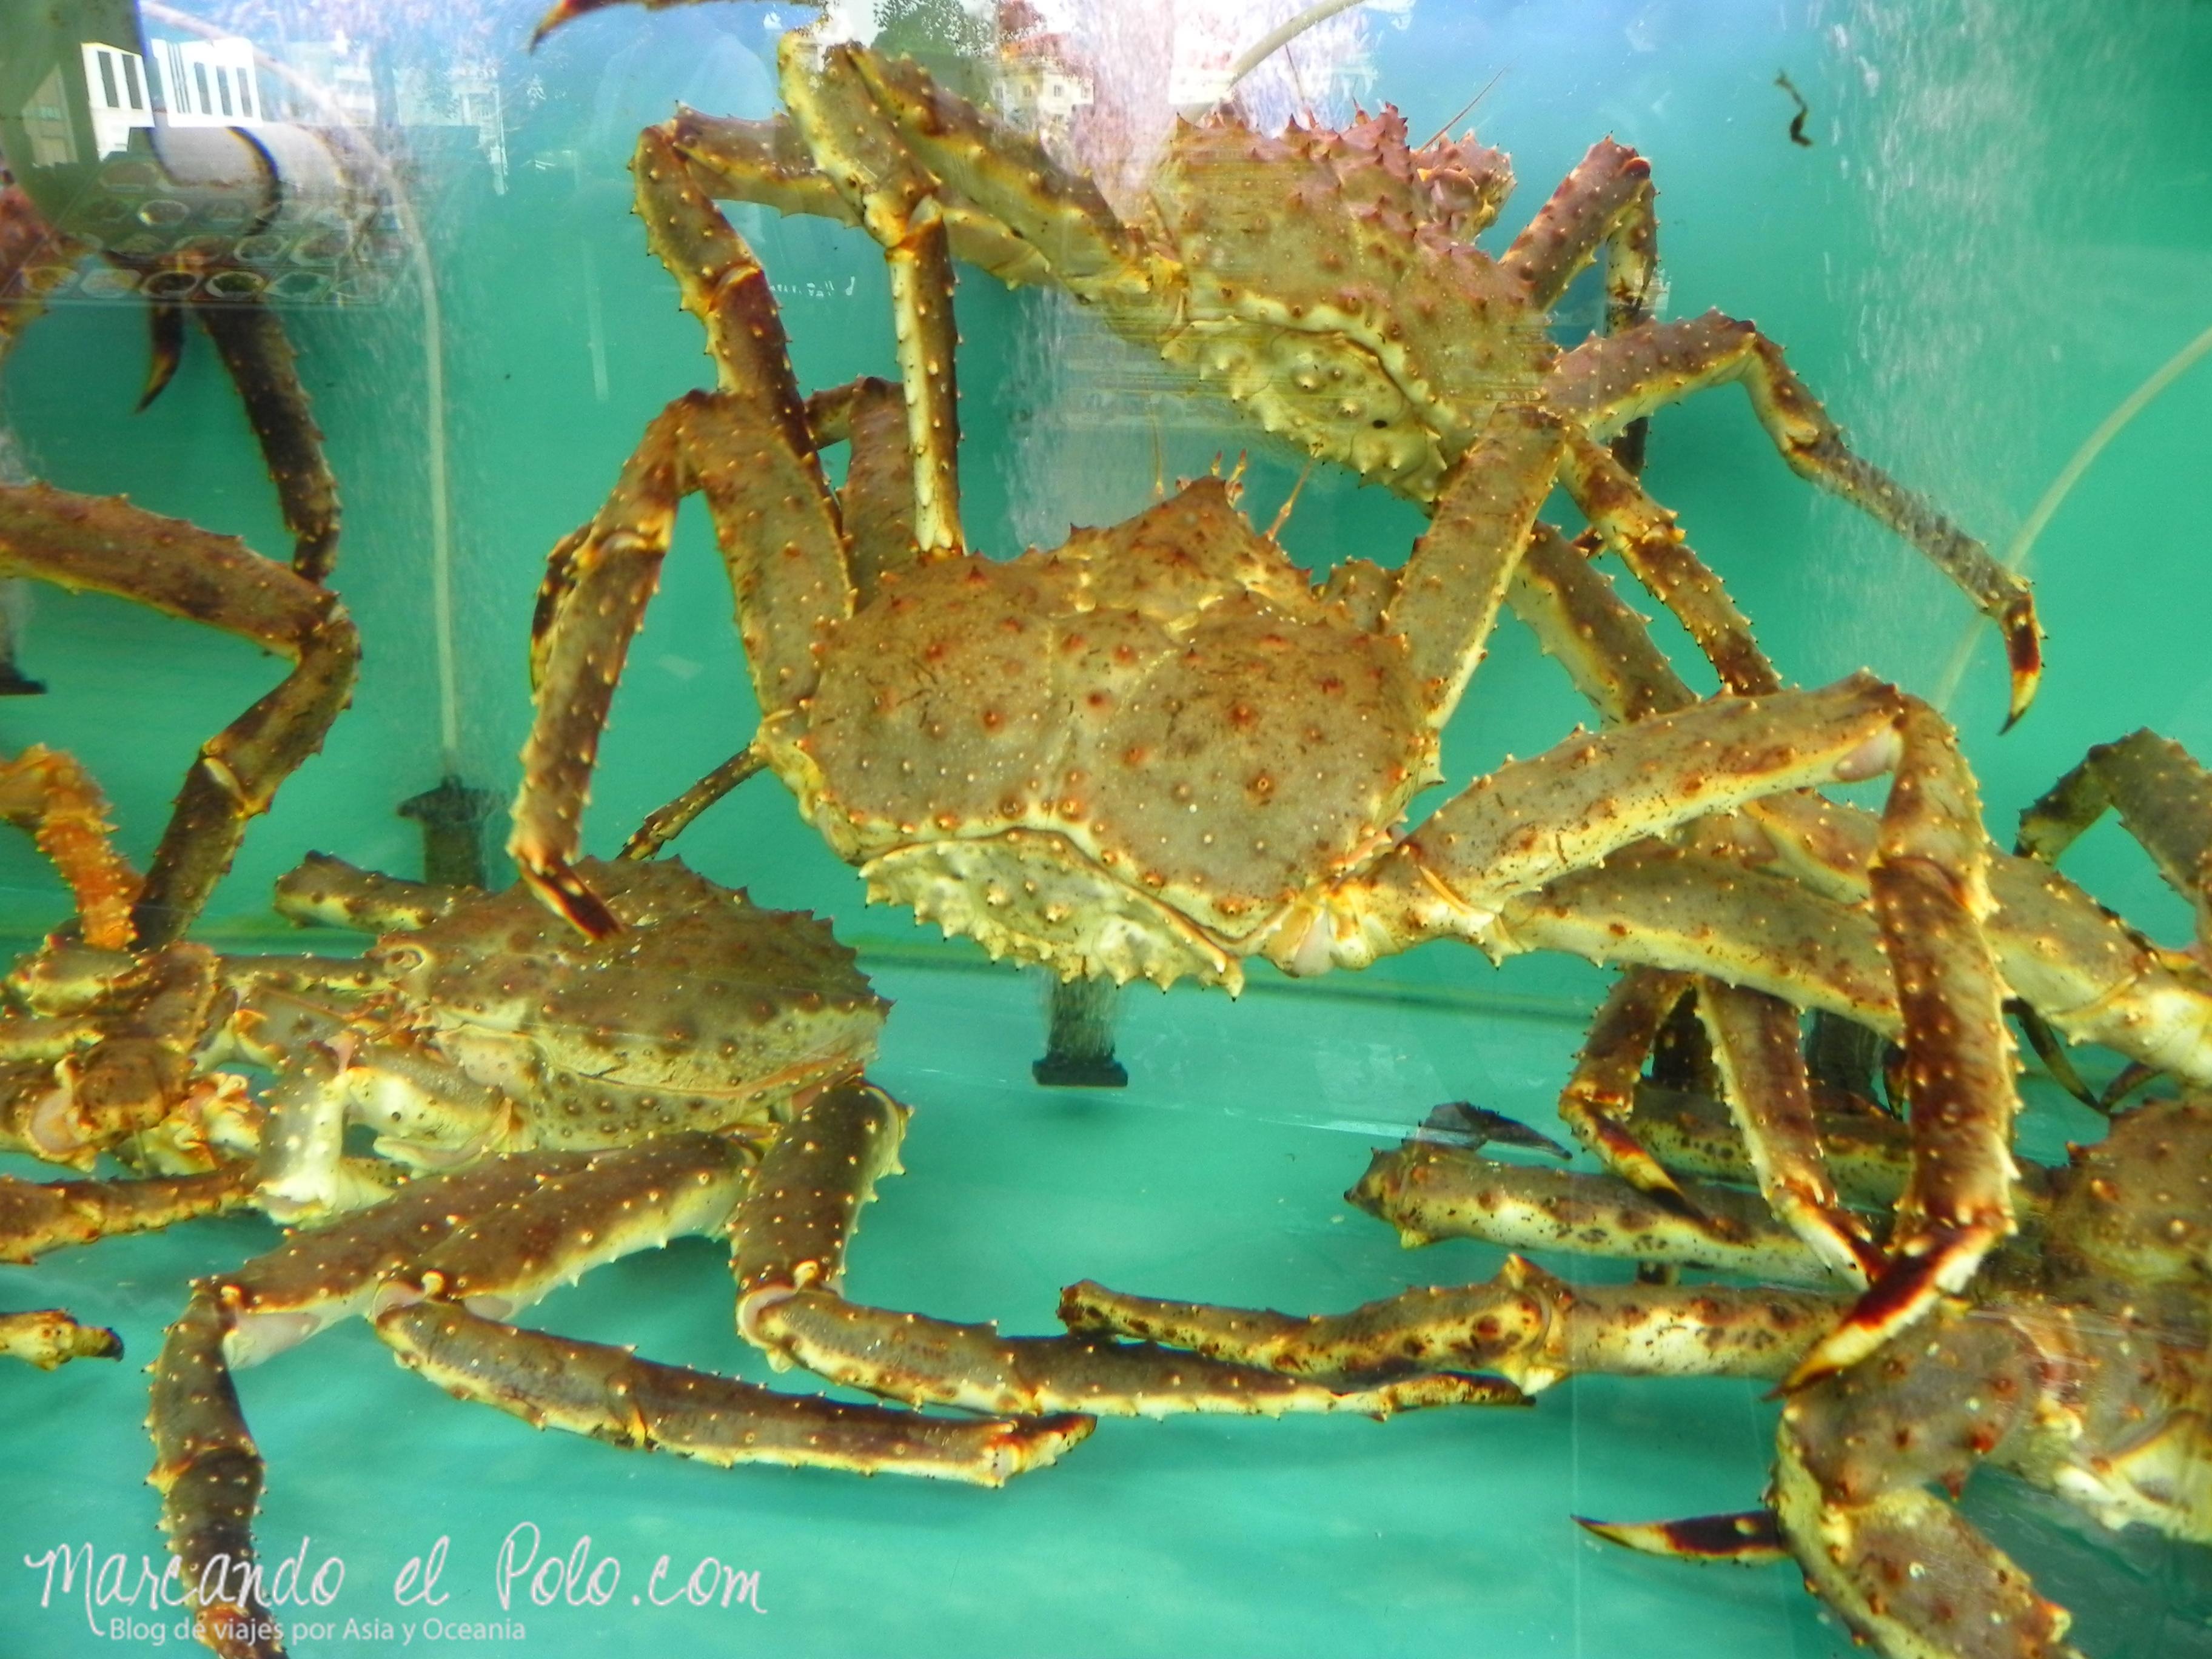 Chili Crab, Singapur, Asia